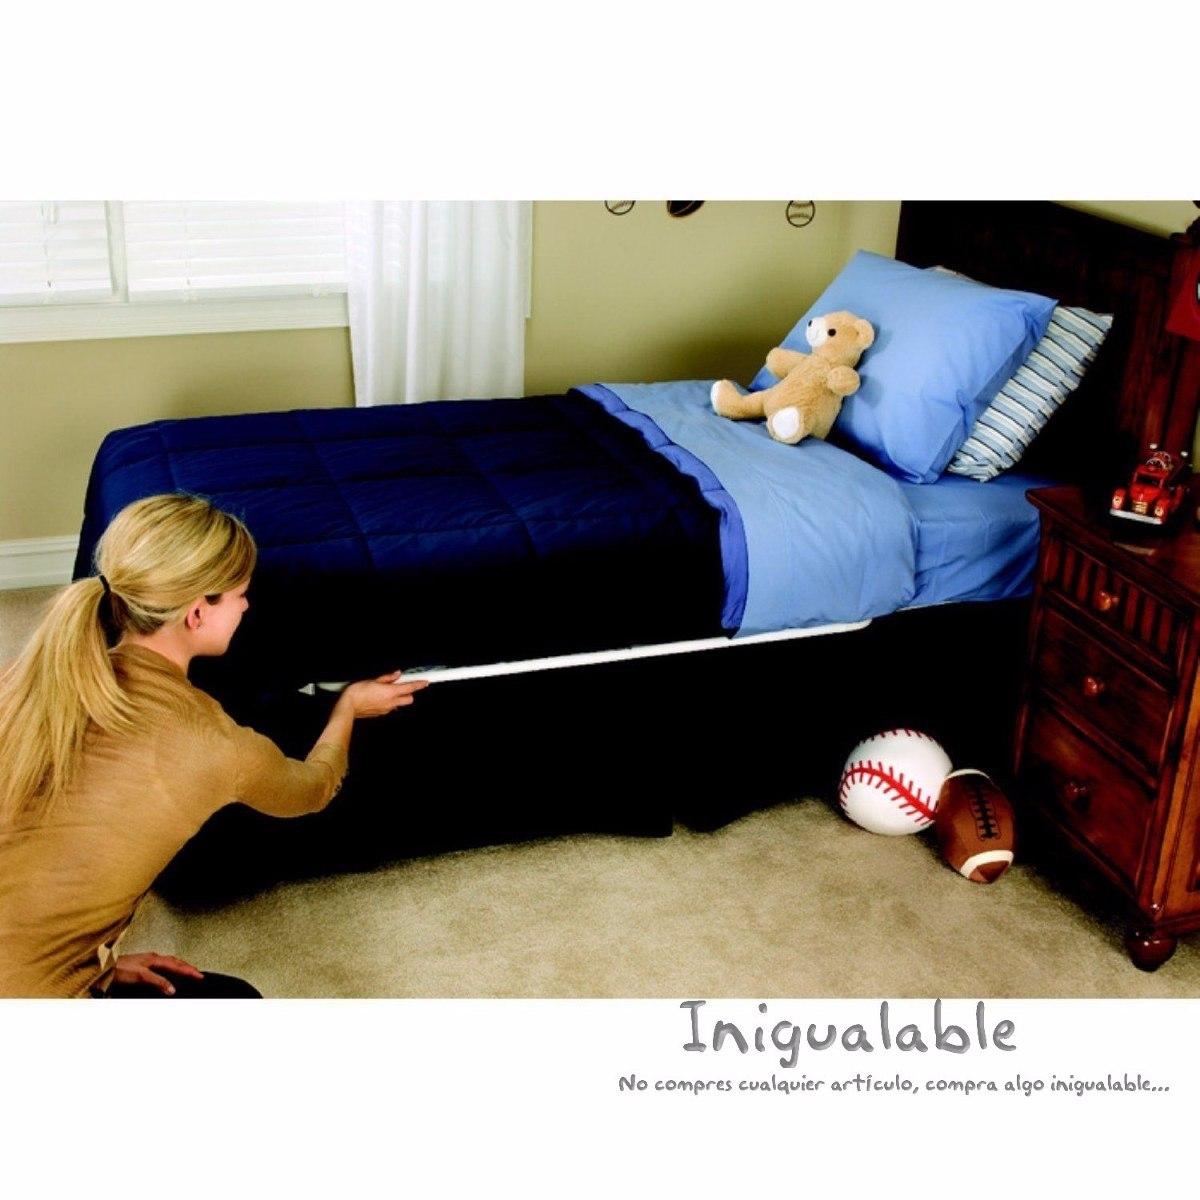 Protector para que no se caigan los ni os de la cama color for Como se llaman las camas que se doblan